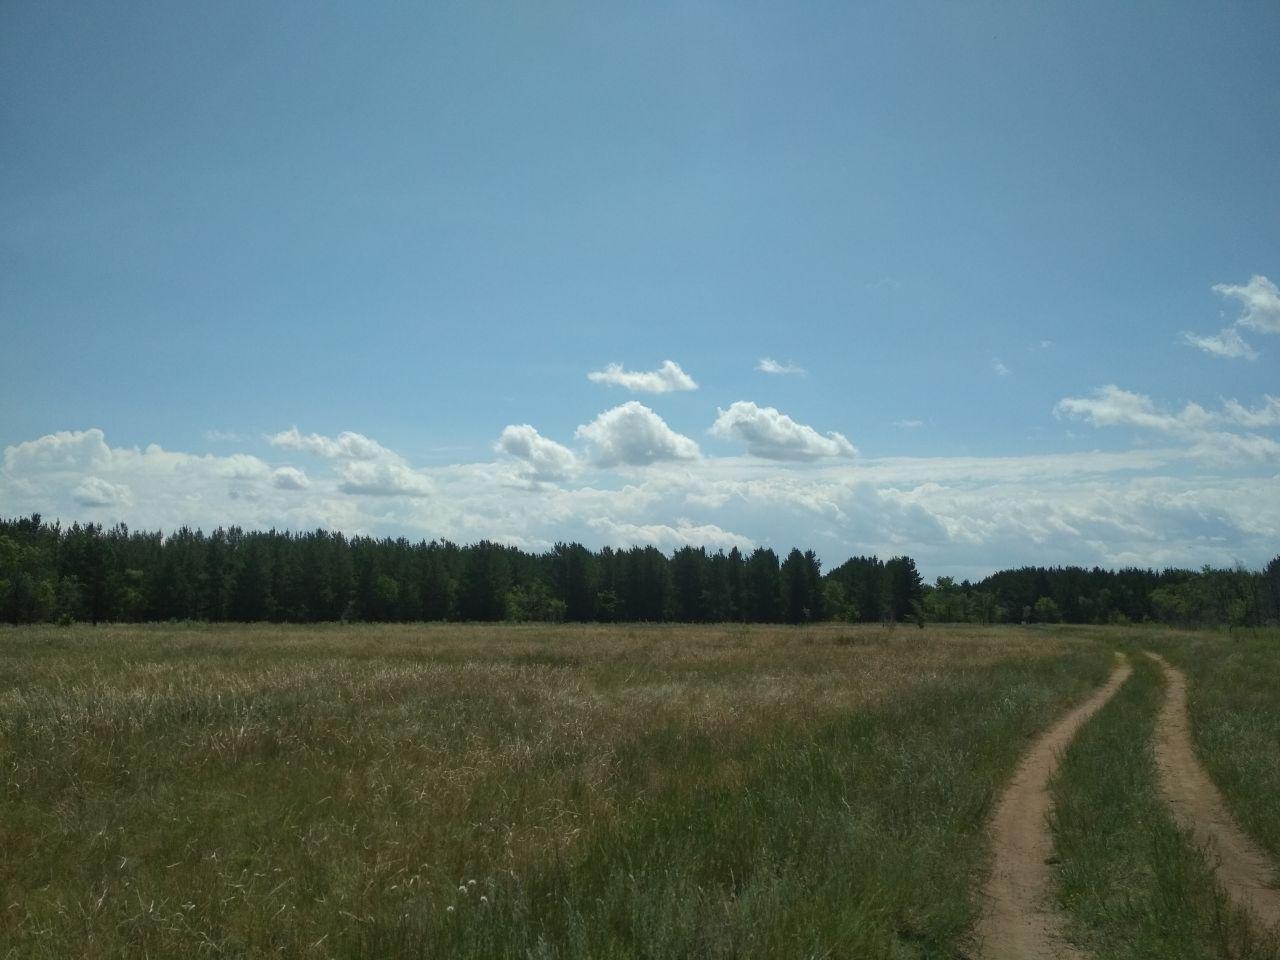 Жителей Шахтинска предупредили что нахождение в лесопосадке является нарушением